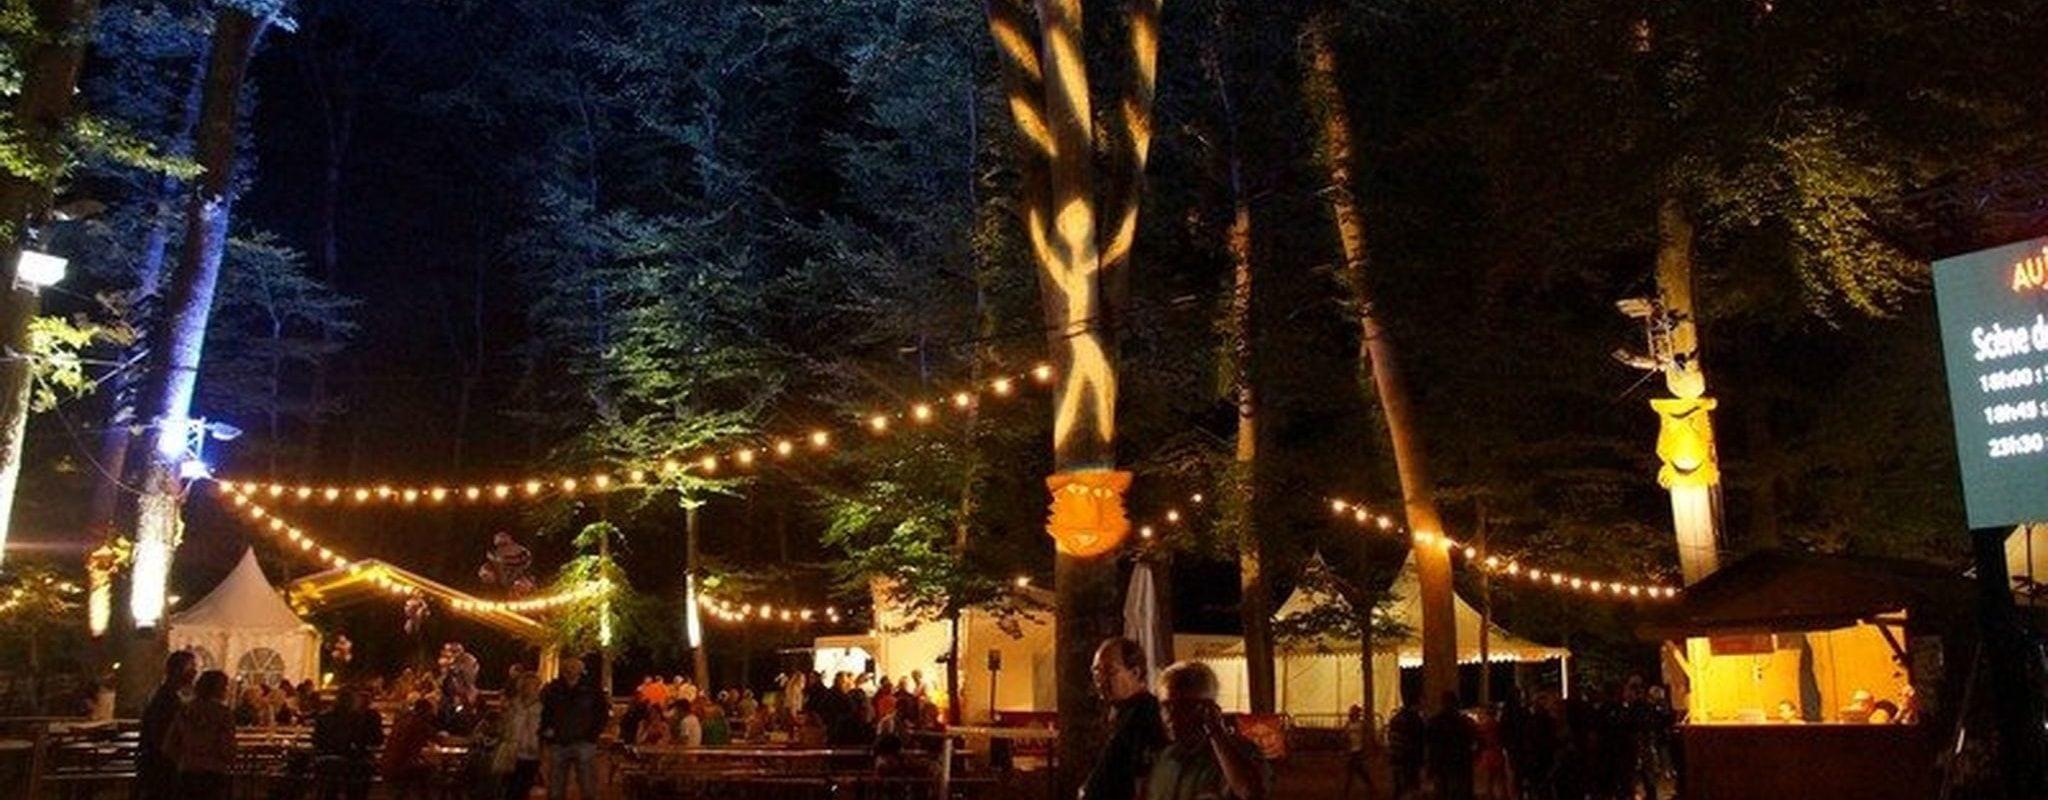 À Summerlied en août, pas mal d'artistes strasbourgeois en concert au milieu de la forêt